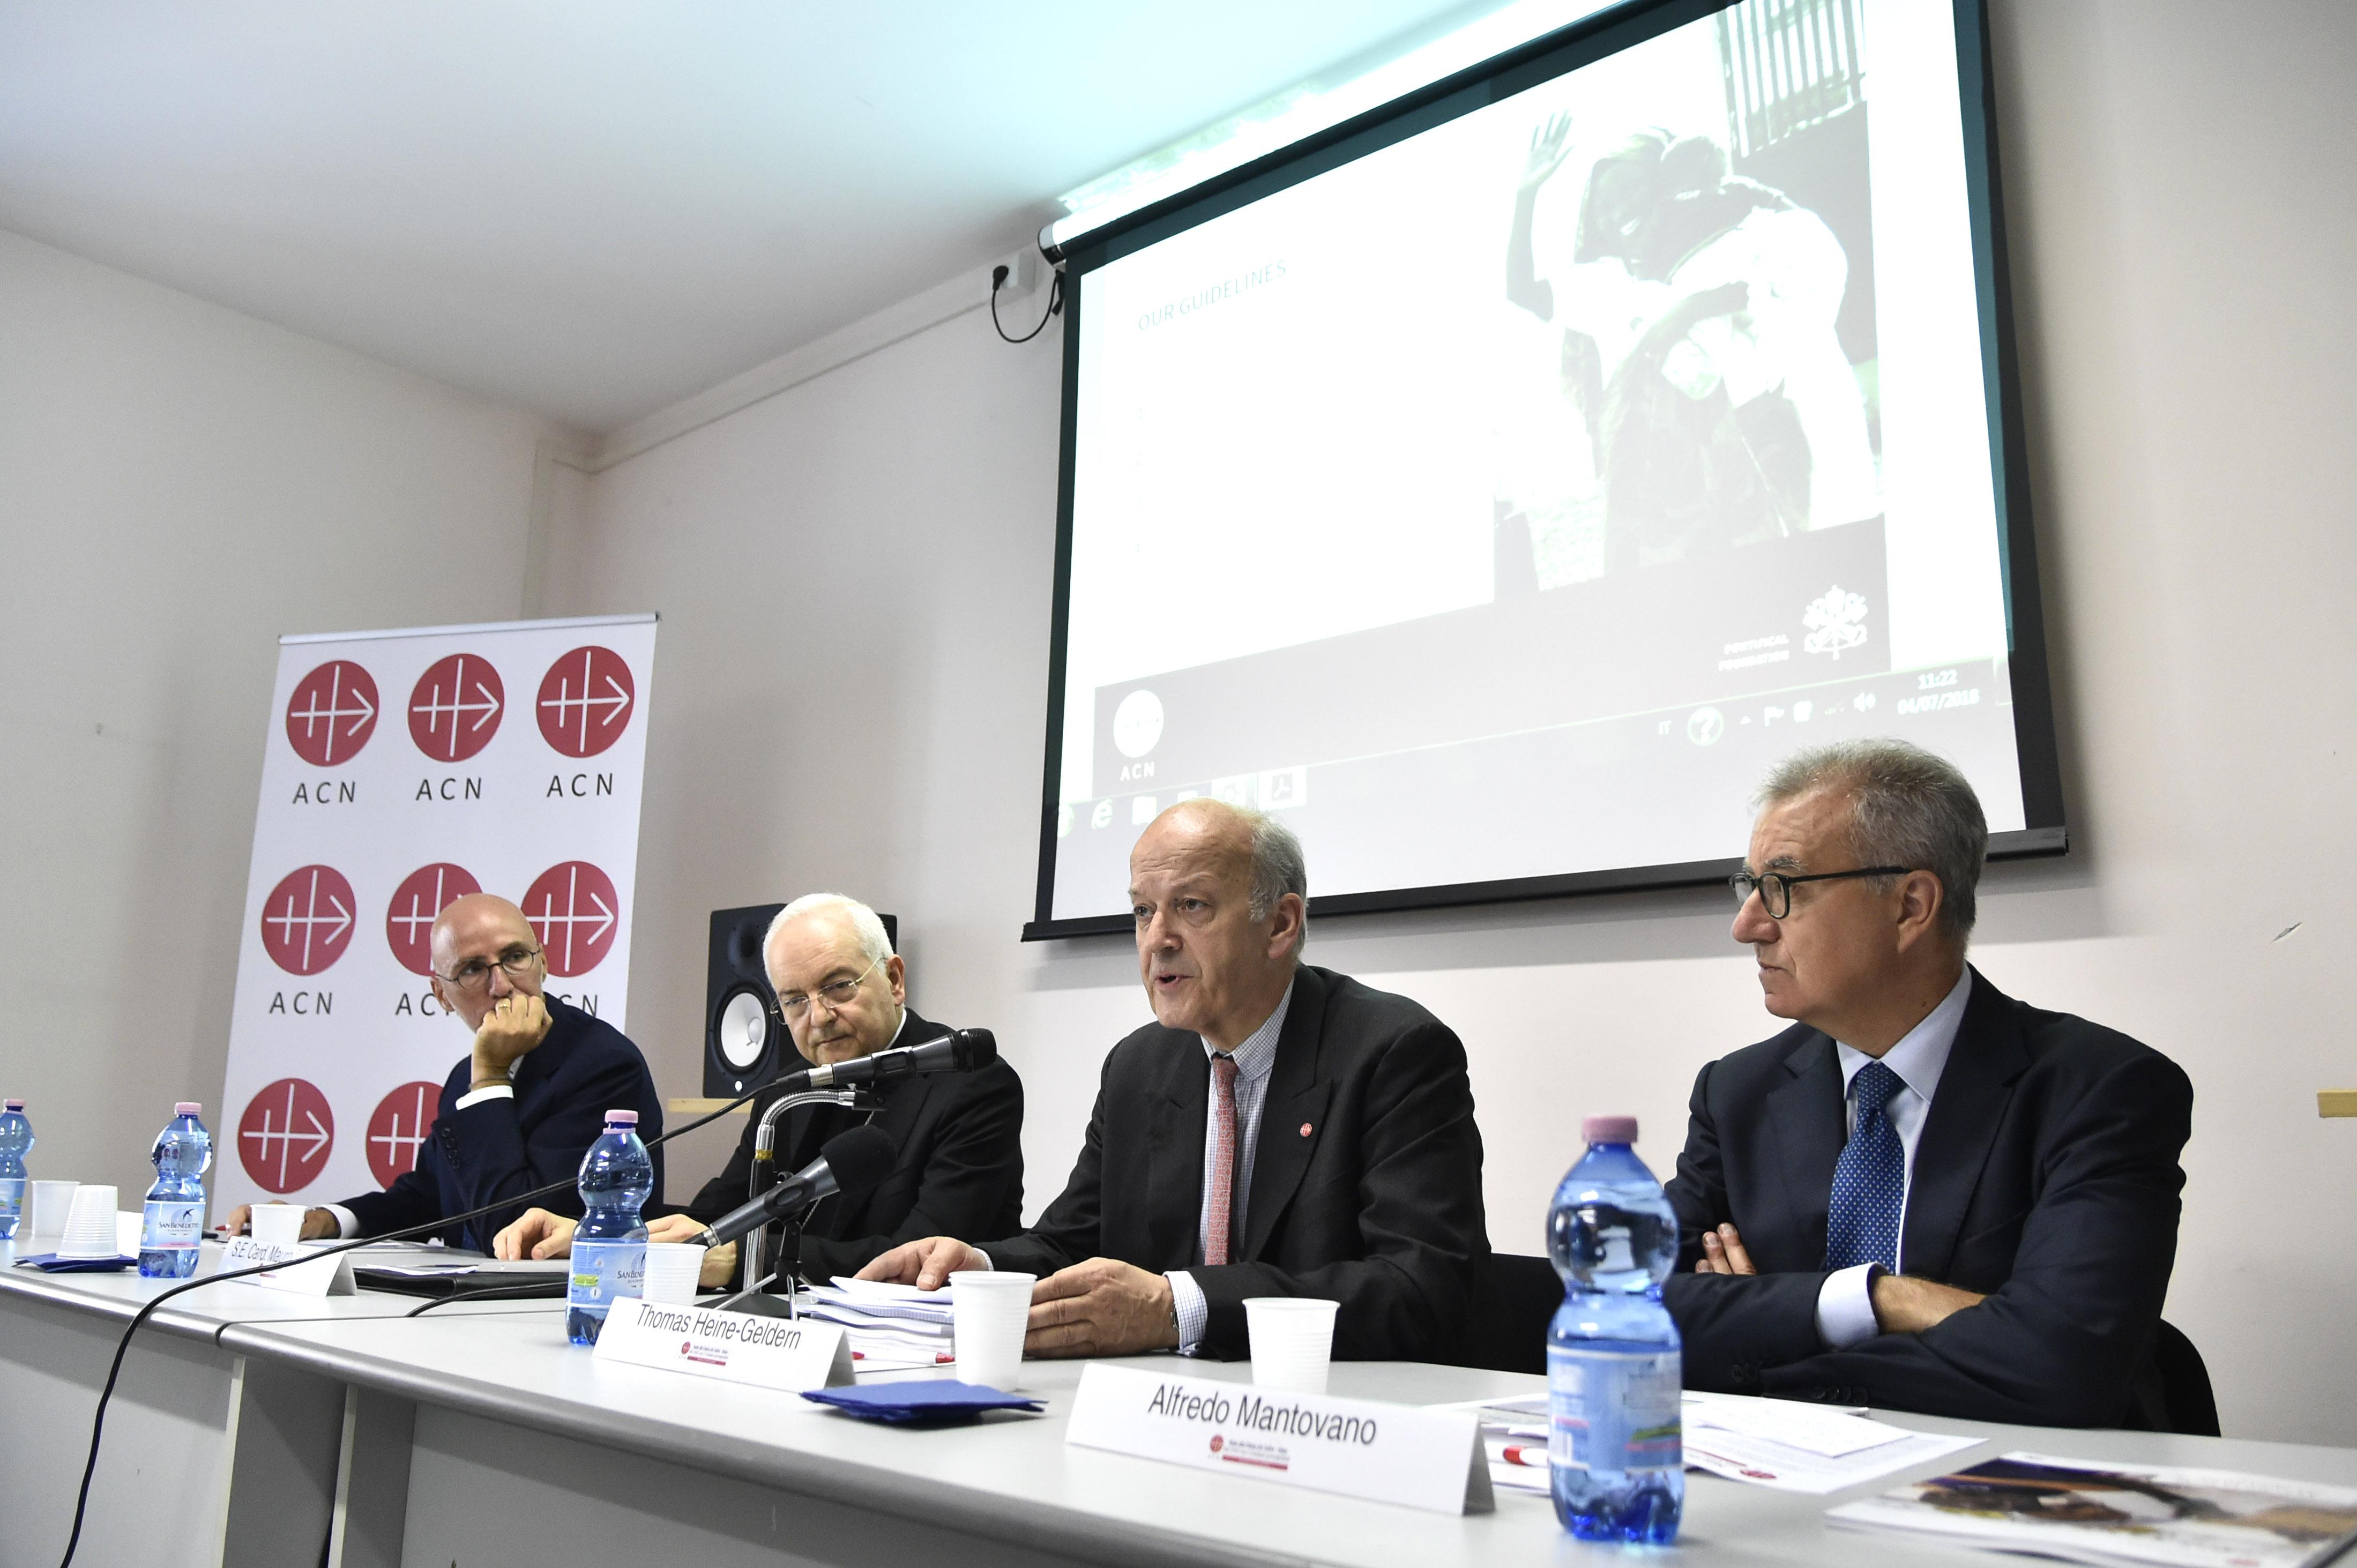 Presentan en Roma informe de ACN en el 2017, casi 125 millones de euros para la iglesia necesitada